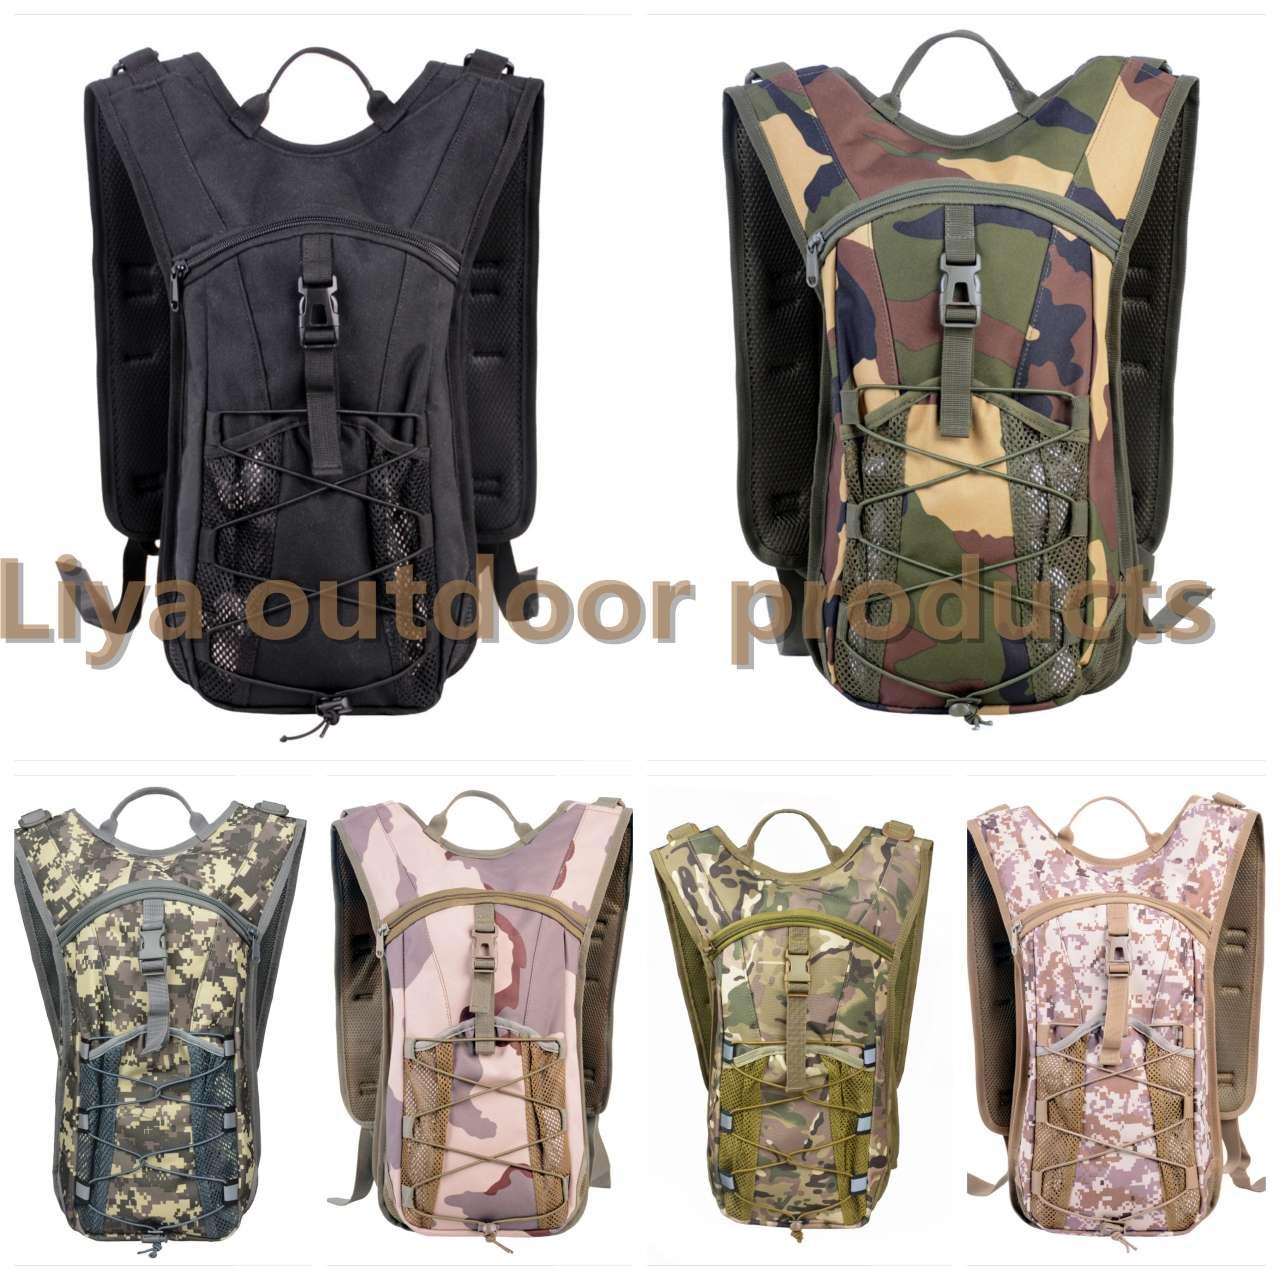 战术水袋包 牛津布运动背包 双肩战术背包 户外水袋背包 迷彩背包